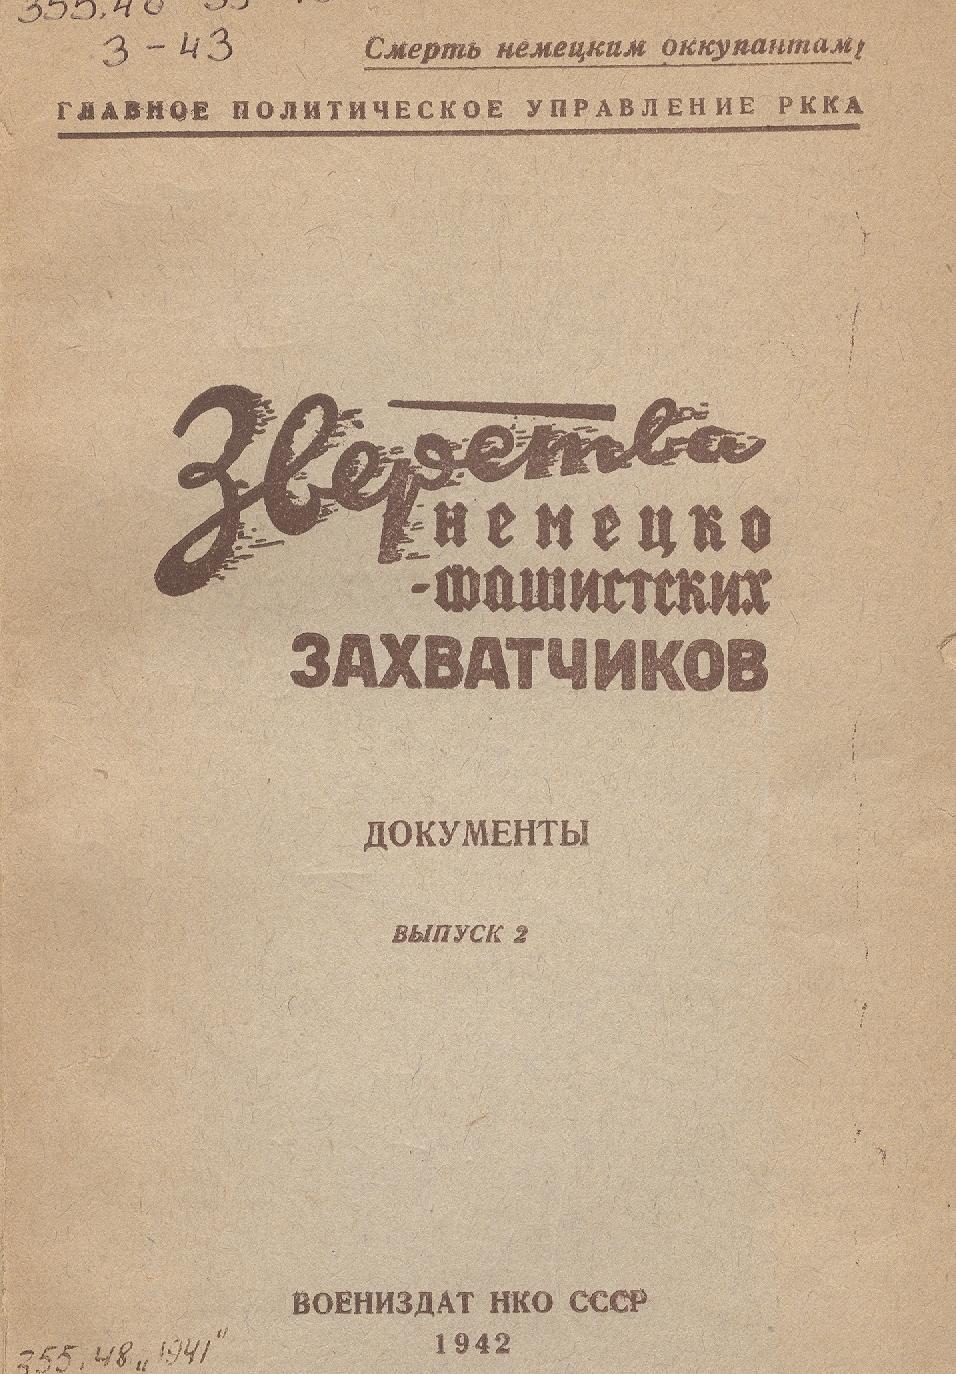 Начиная с 1942 по 1945 публикуется 15-ти томное собрание документов «Зверства немецко-фашистских захватчиков» фиксирующее факты массовых убийств мирных жителей